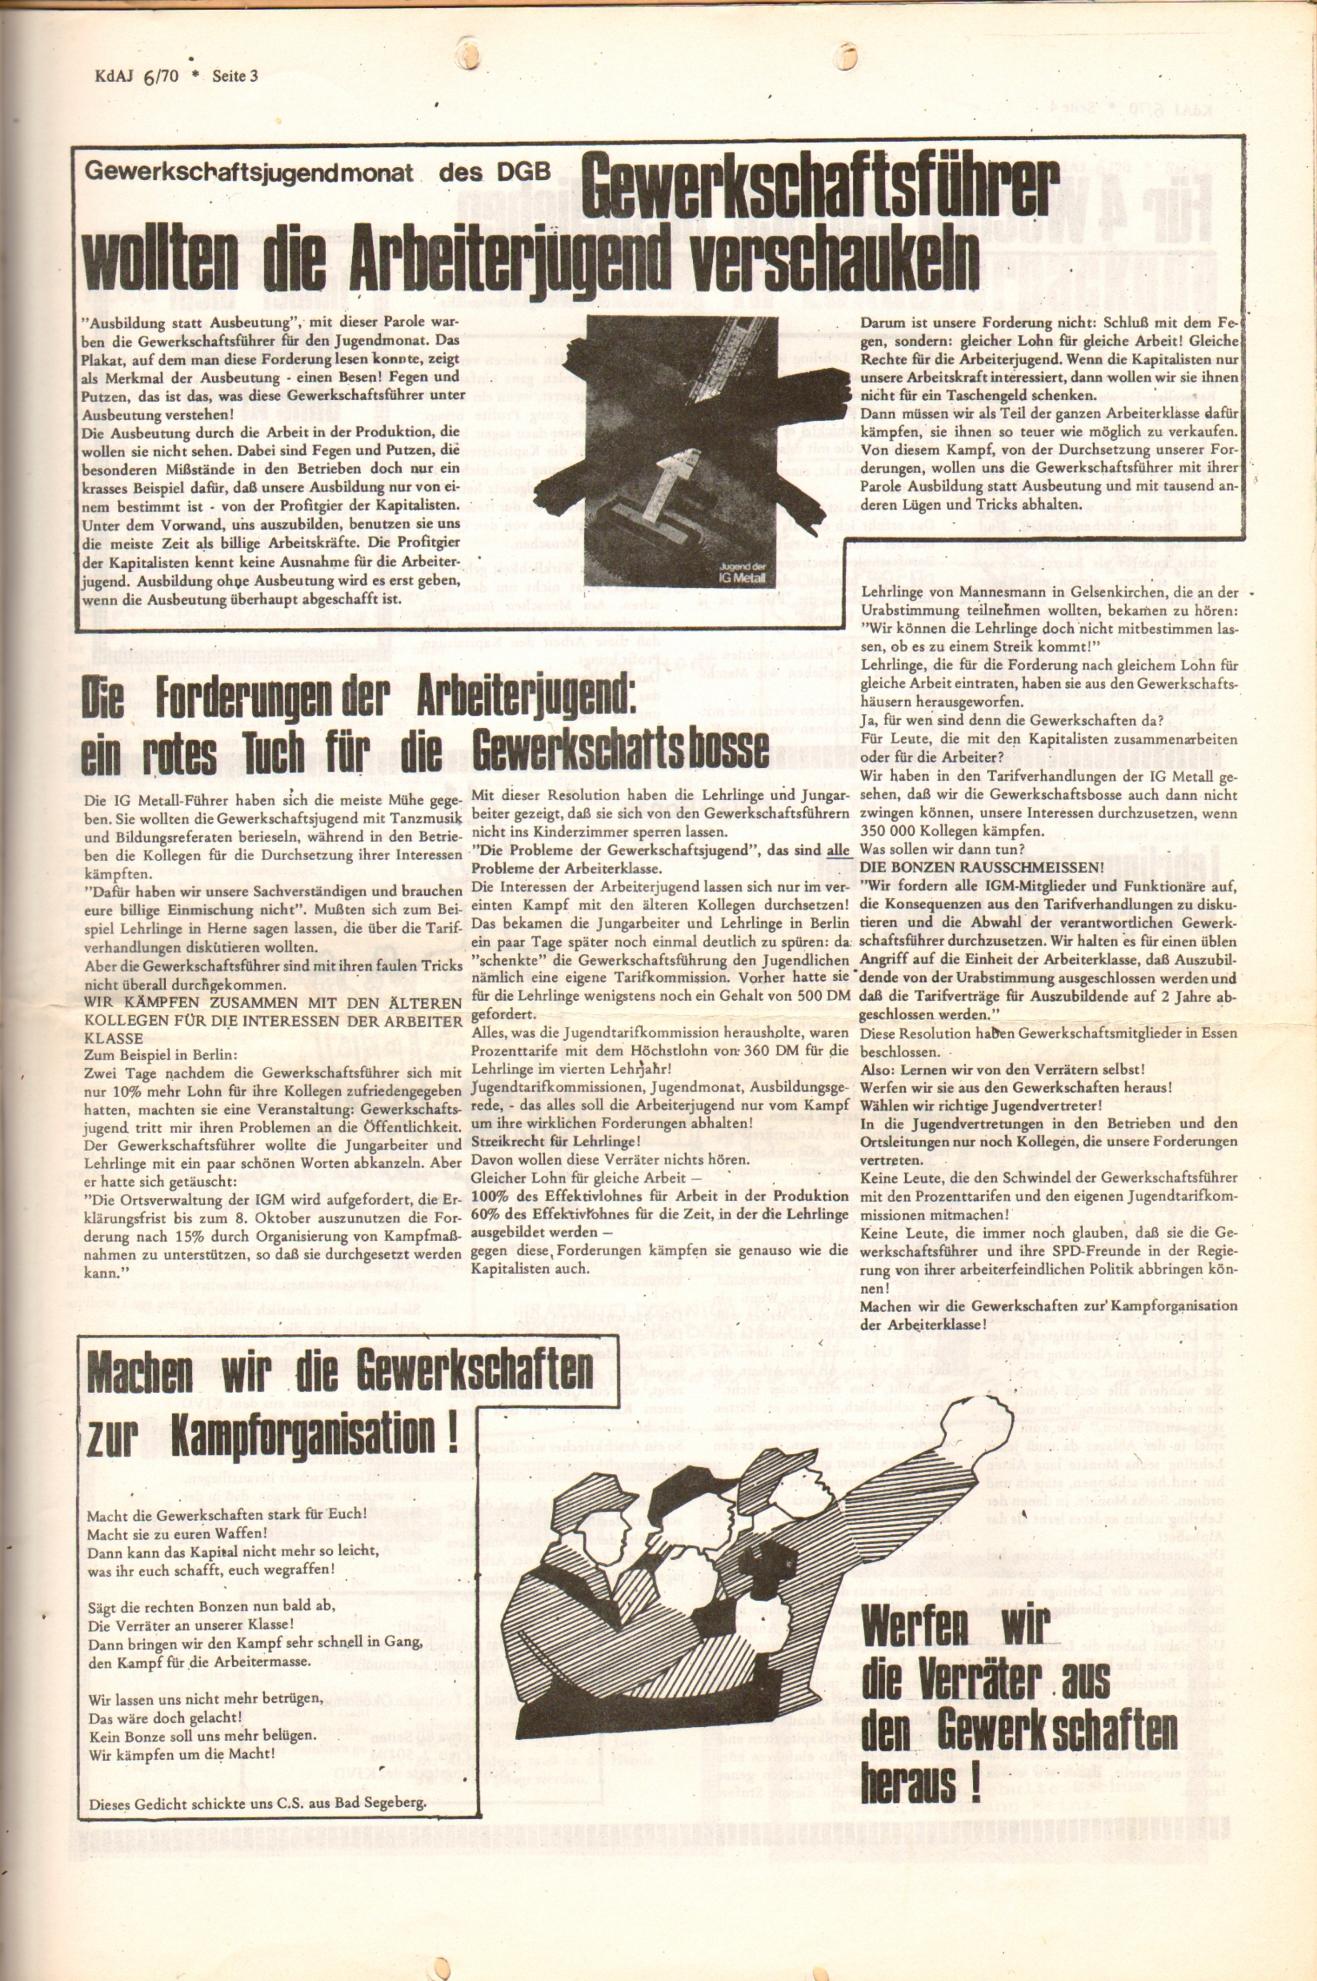 KDAJ, 1. Jg., Dezember 1970, Nr. 6, Seite 3